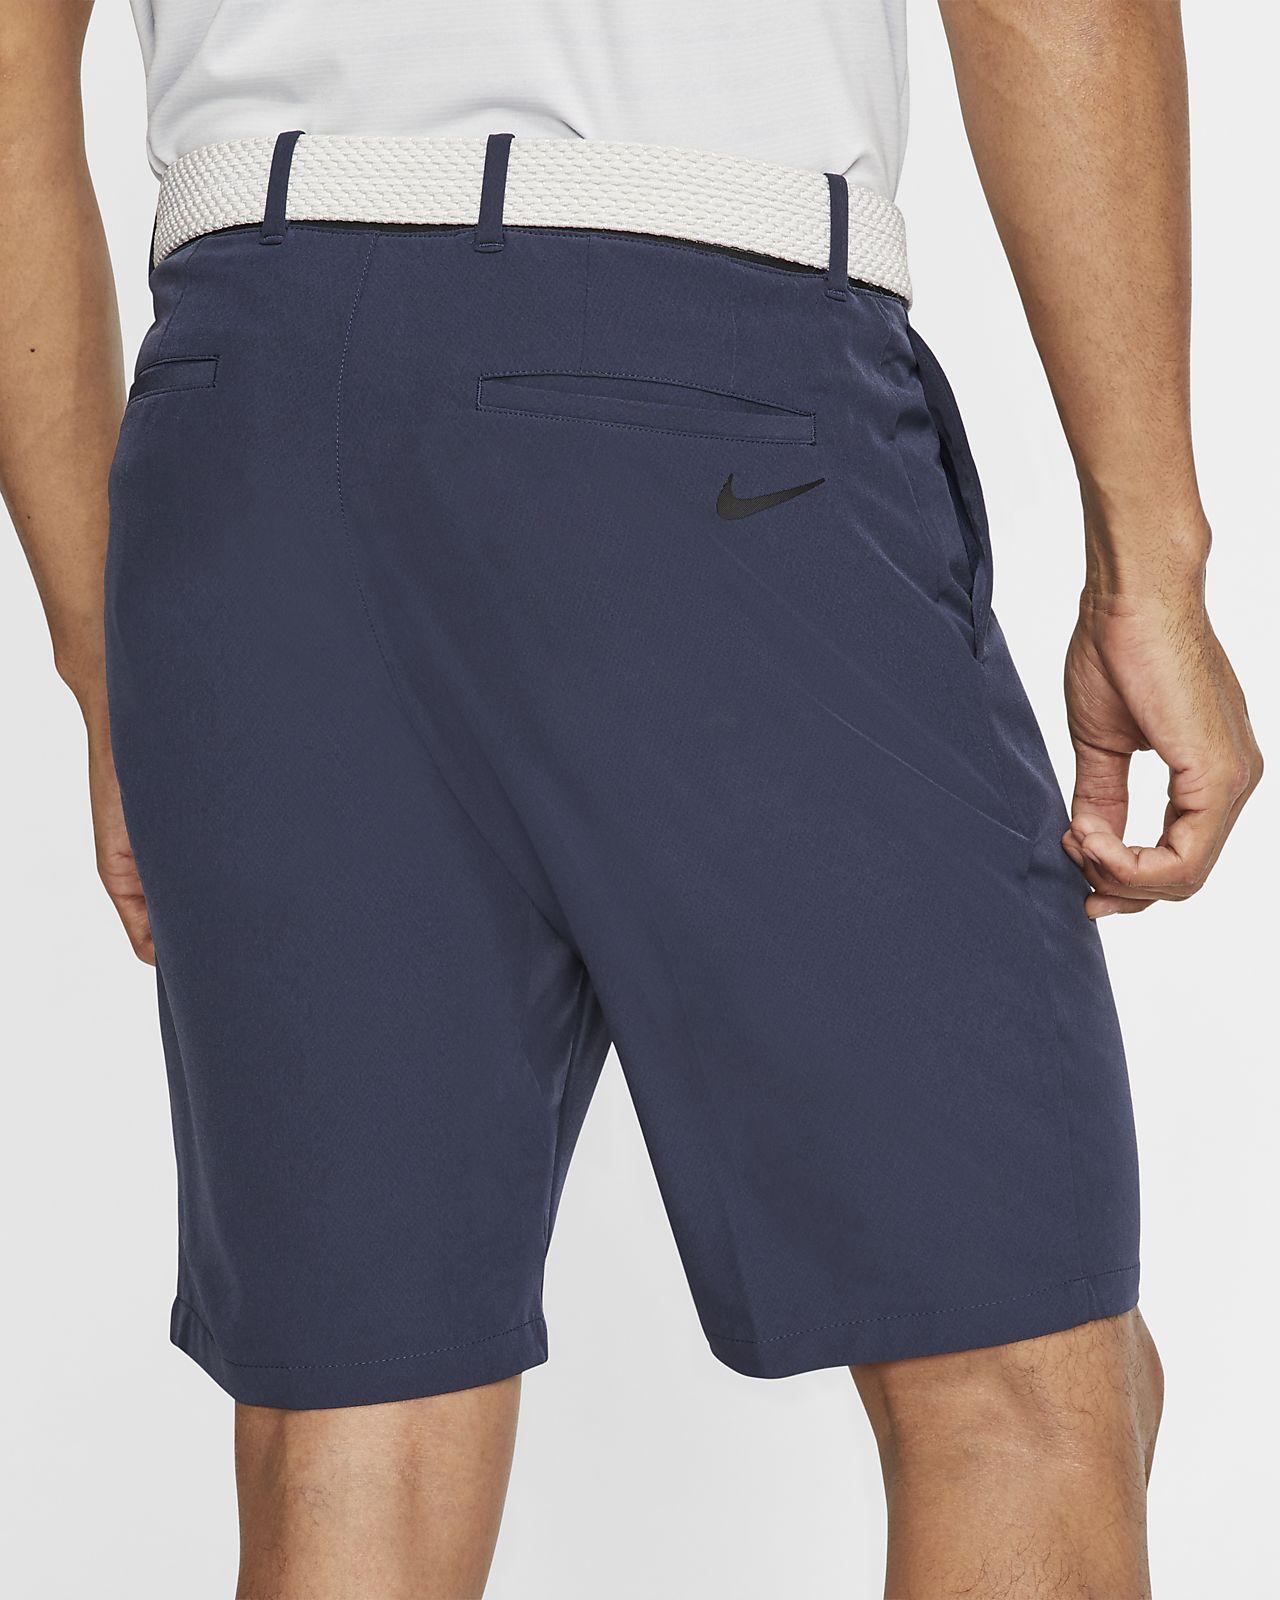 f35436028af1 Nike Flex Men s Slim Fit Golf Shorts. Nike.com